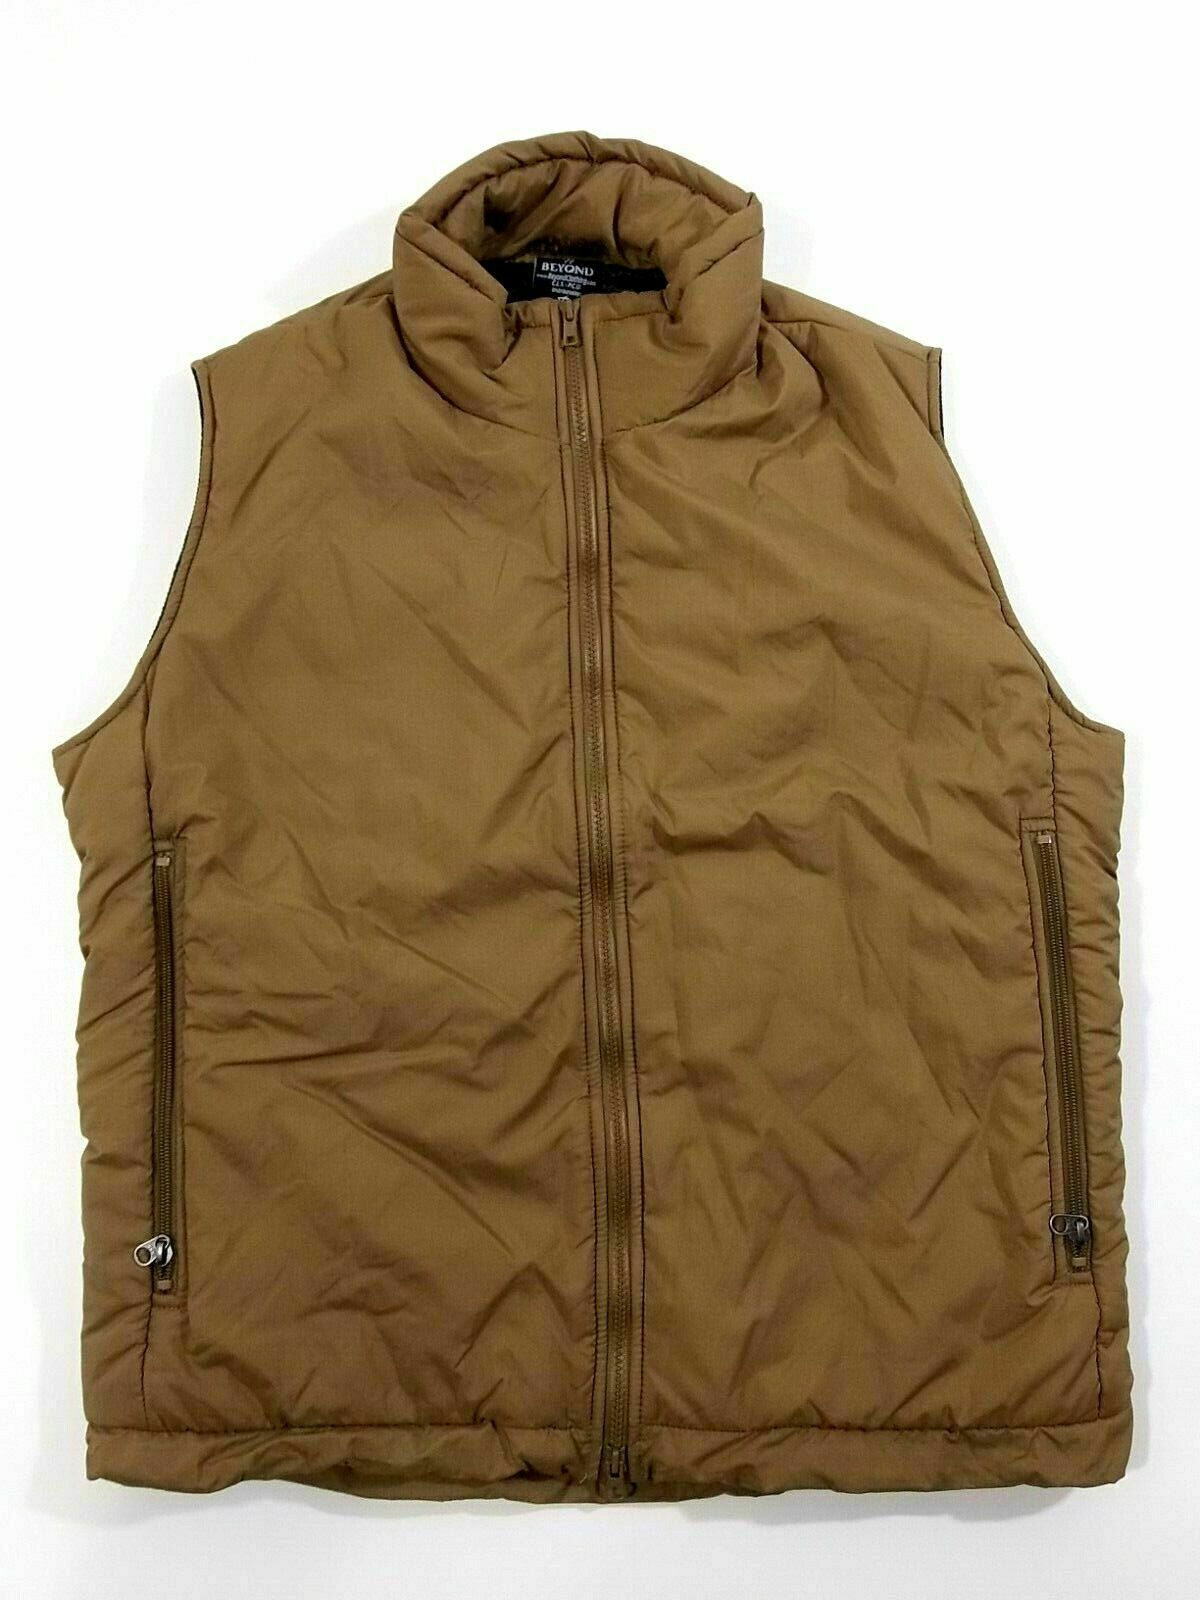 pcu level 7 pl5 vest coyote brown